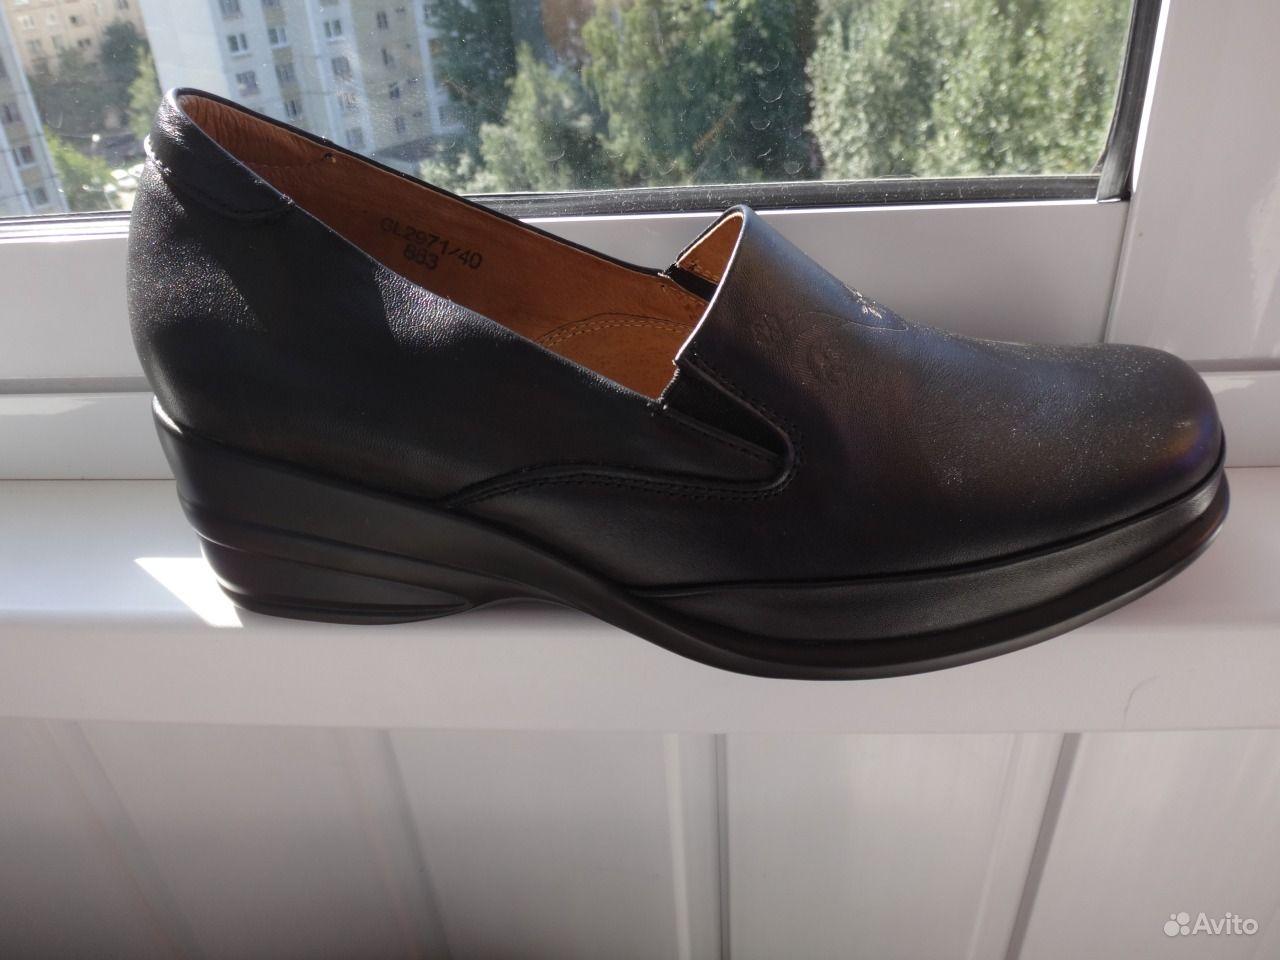 Плащ сон новые туфли на высоком каблуке высоким берцем подходит